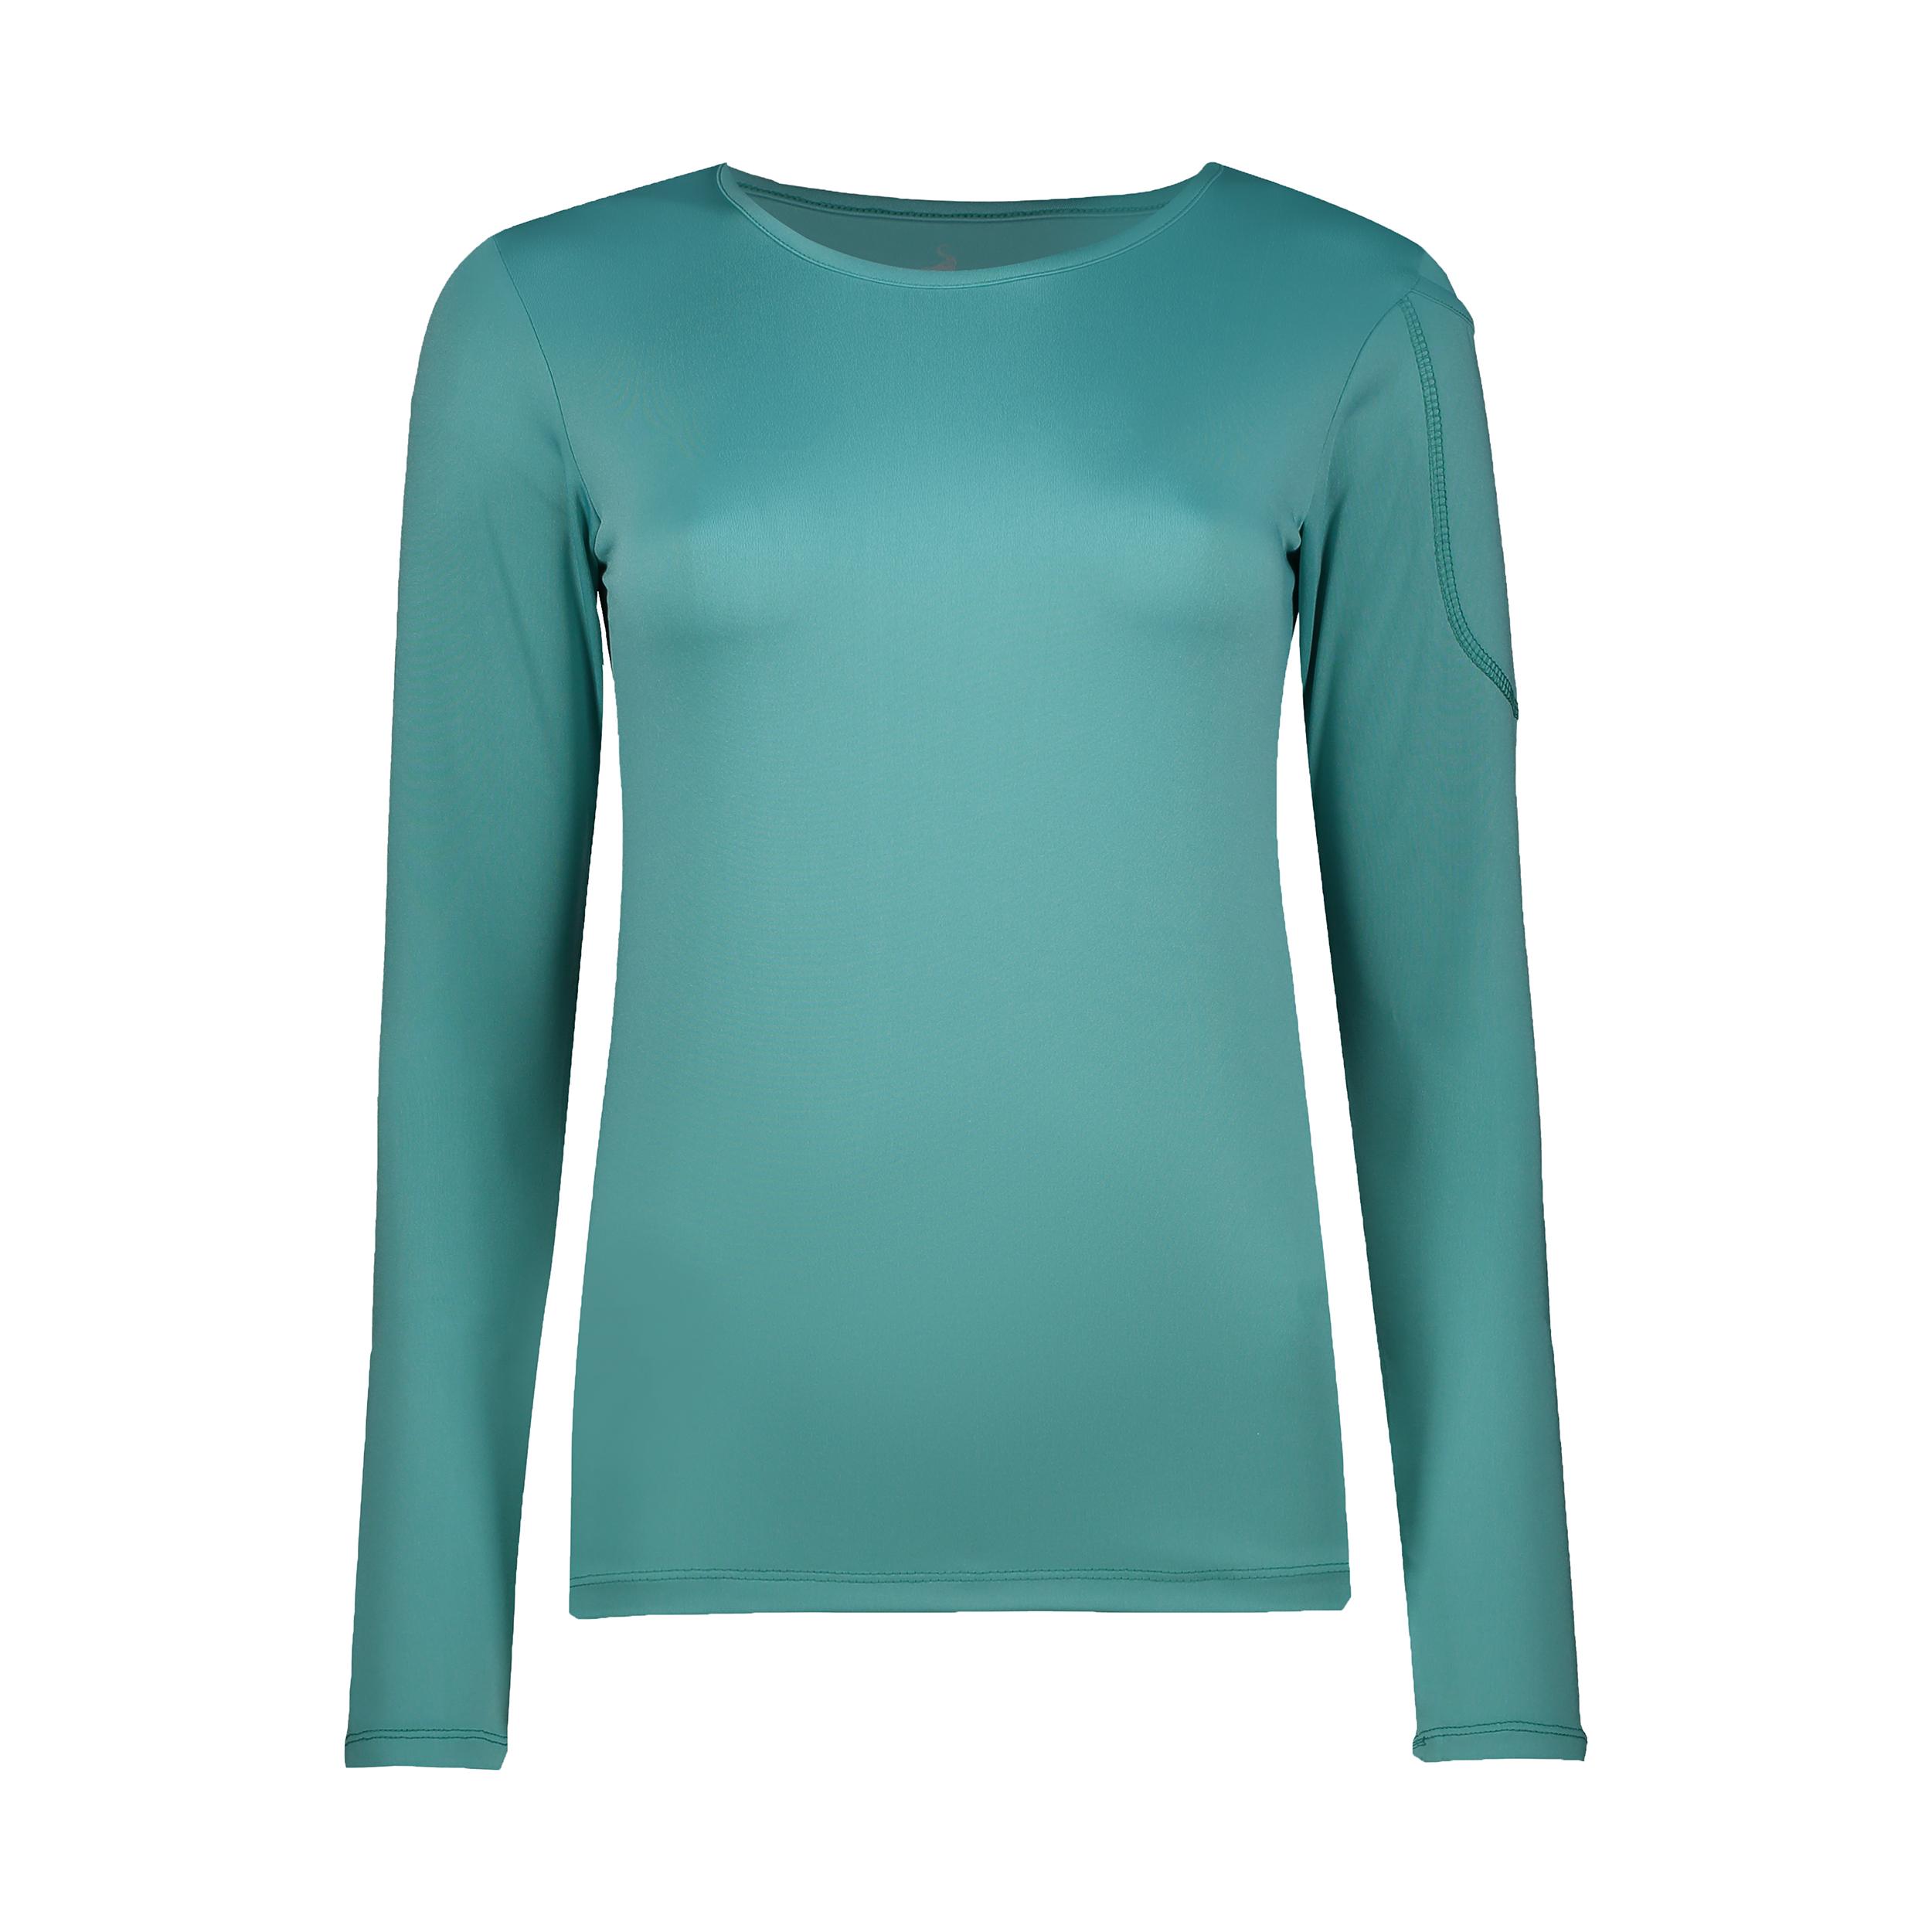 تی شرت ورزشی زنانه آر ان اس مدل 103043-53